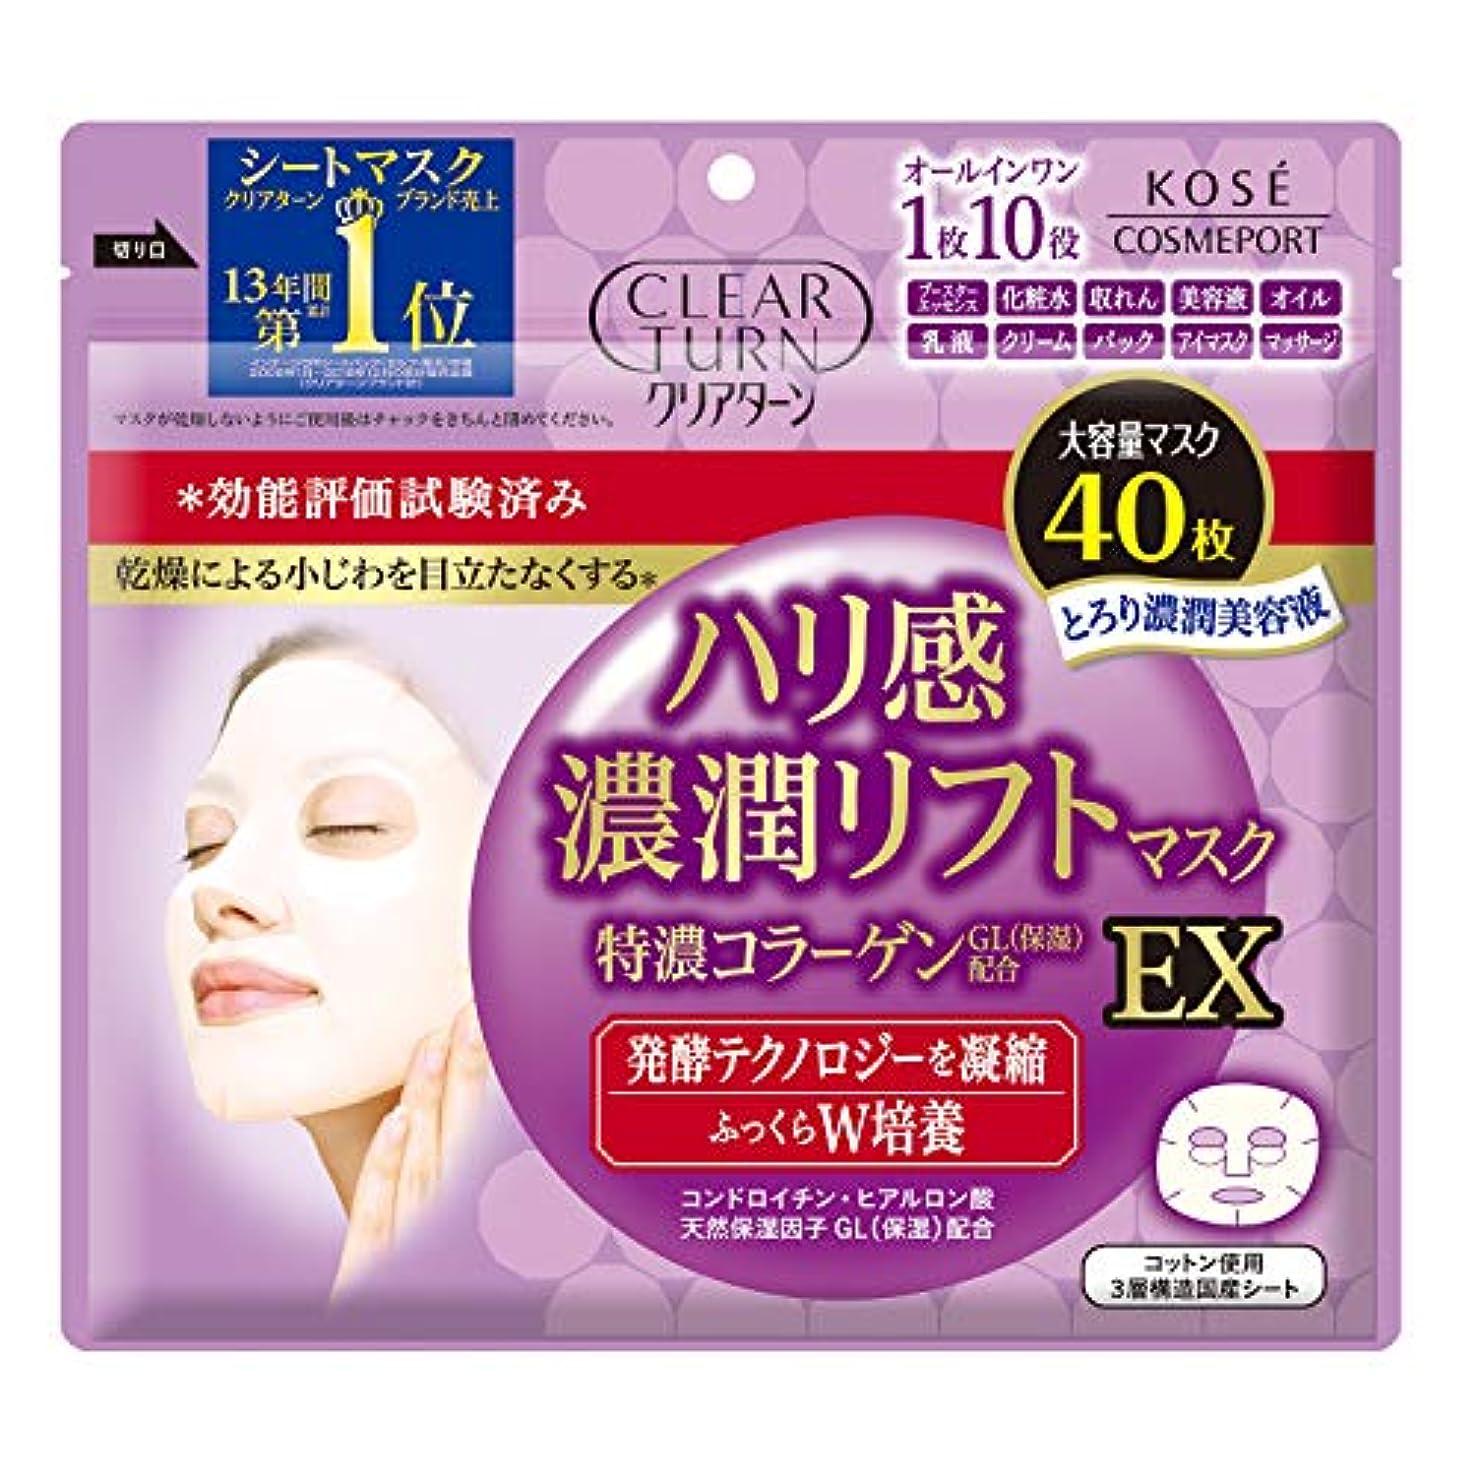 電話嬉しいですベックスクリアターン ハリ感濃潤リフトマスク EX フェイスマスク 40枚